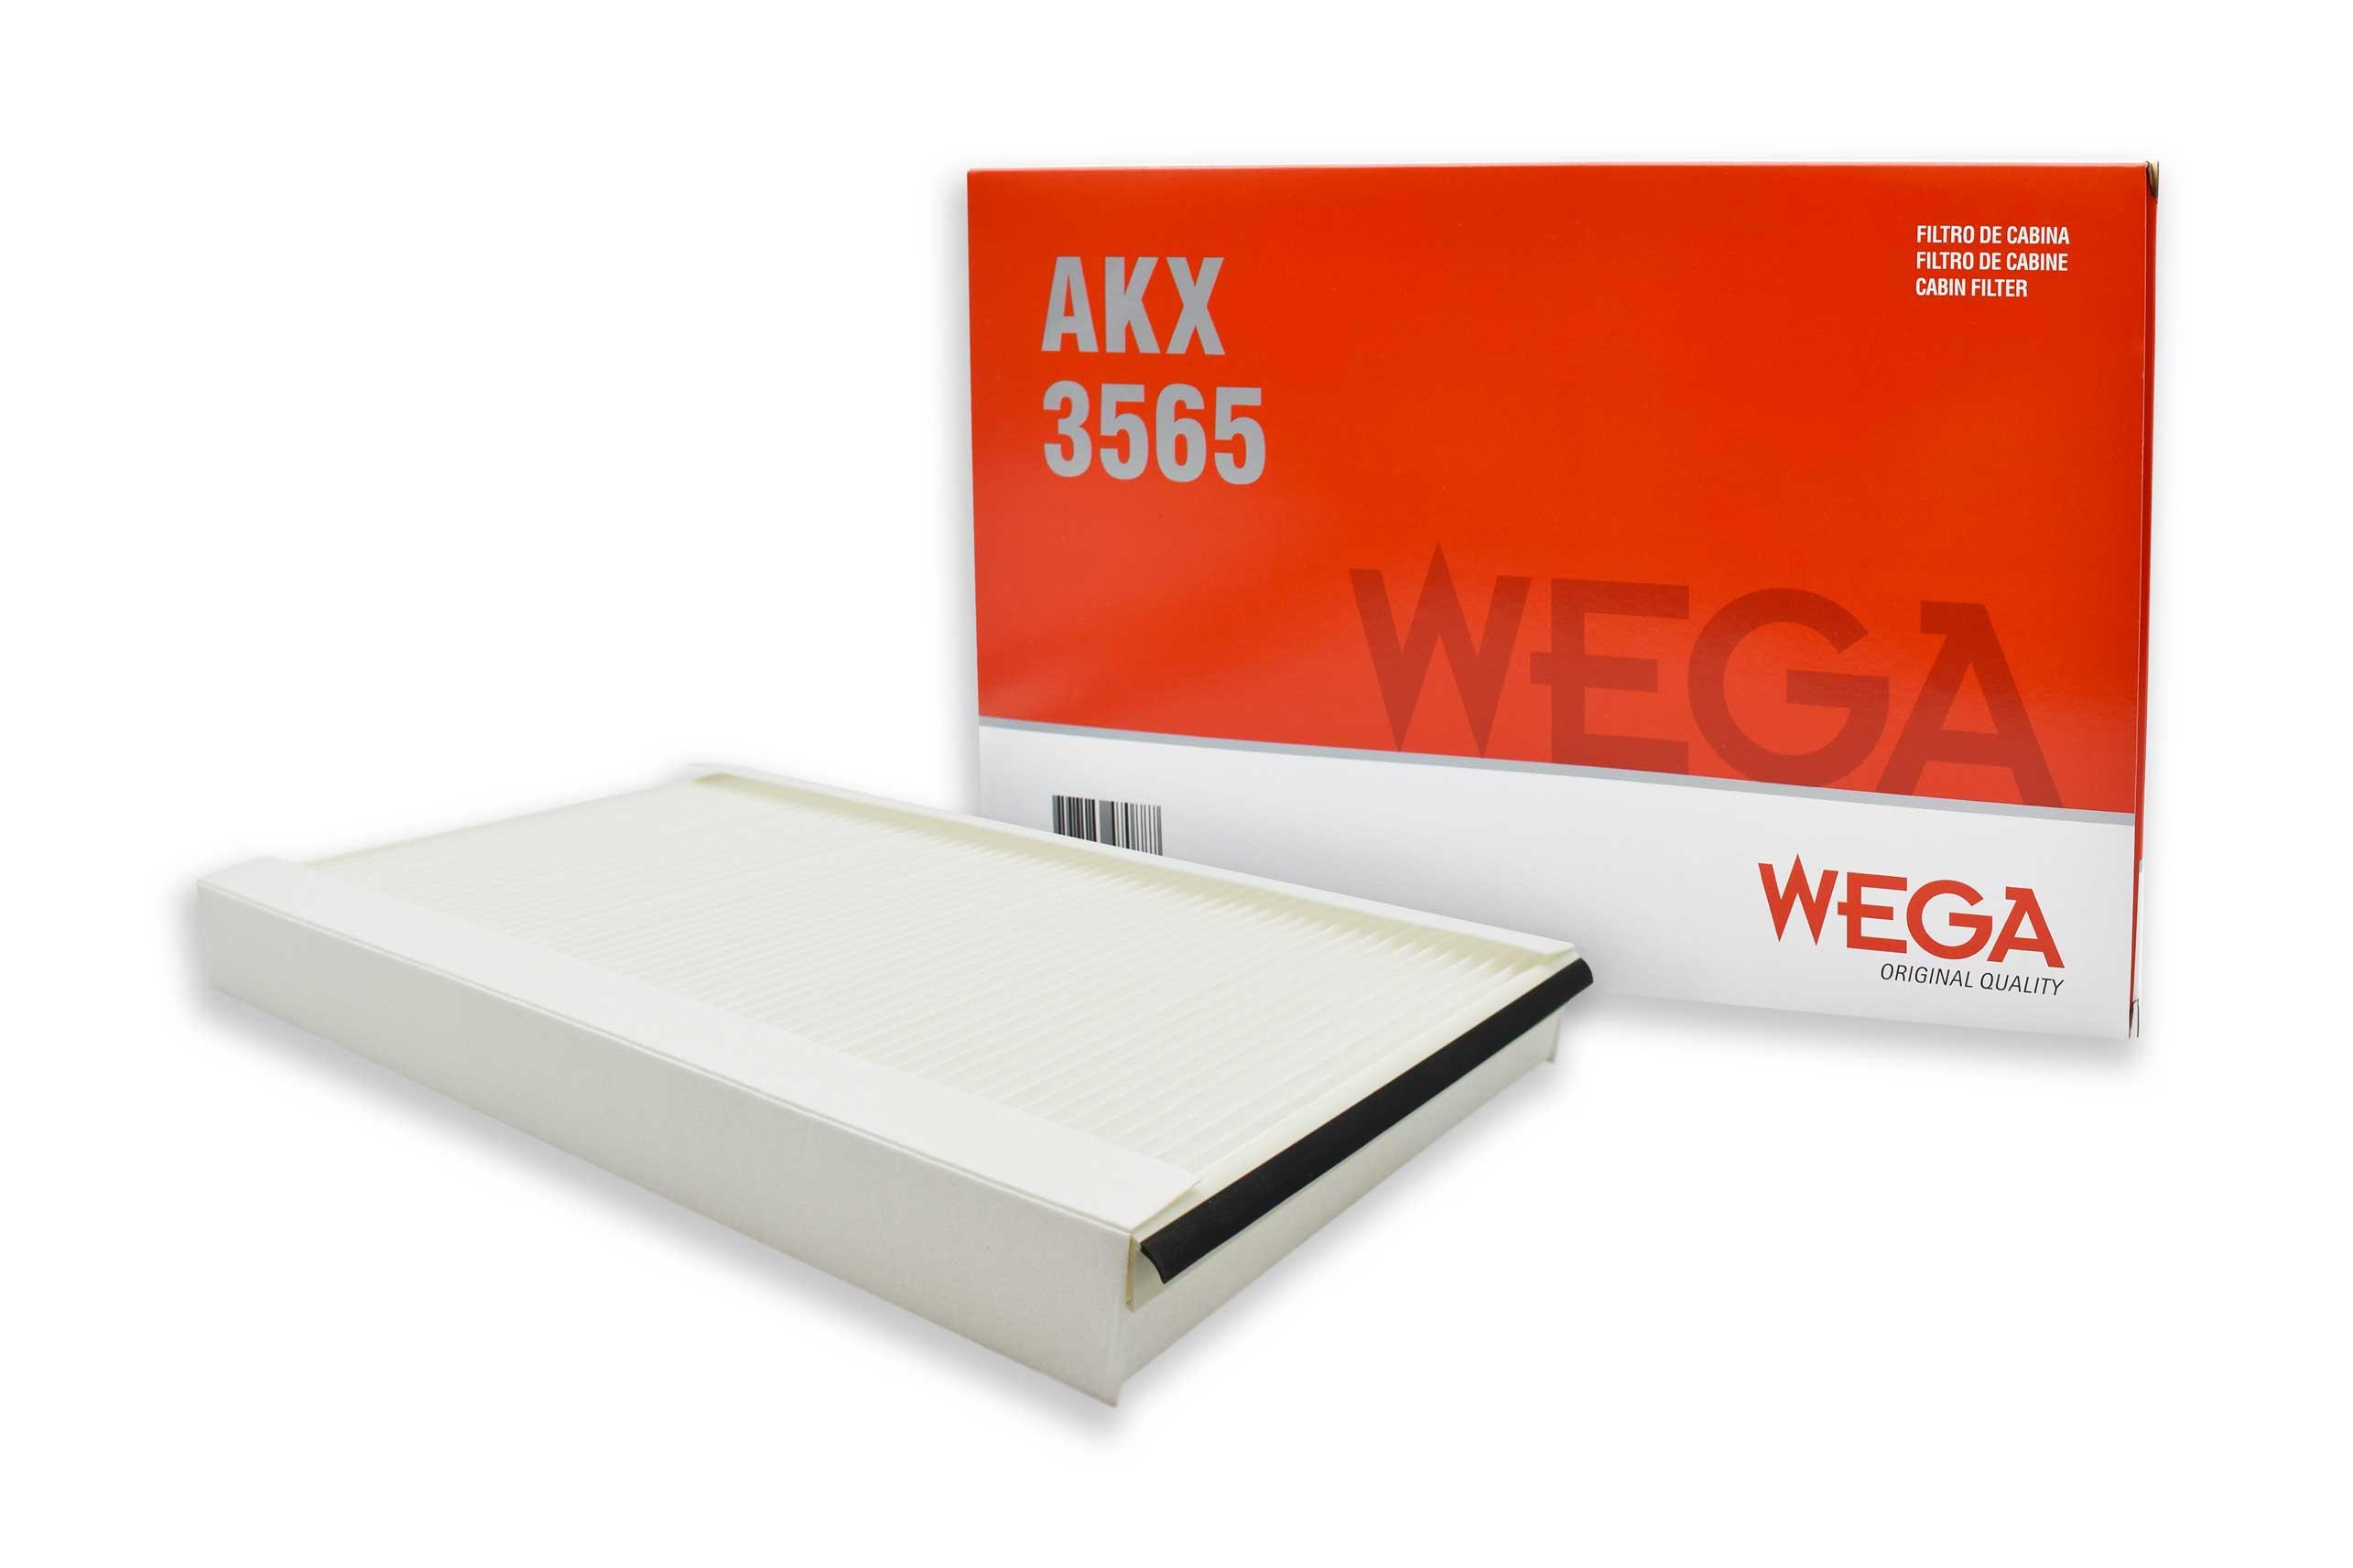 Código: AKX-3565